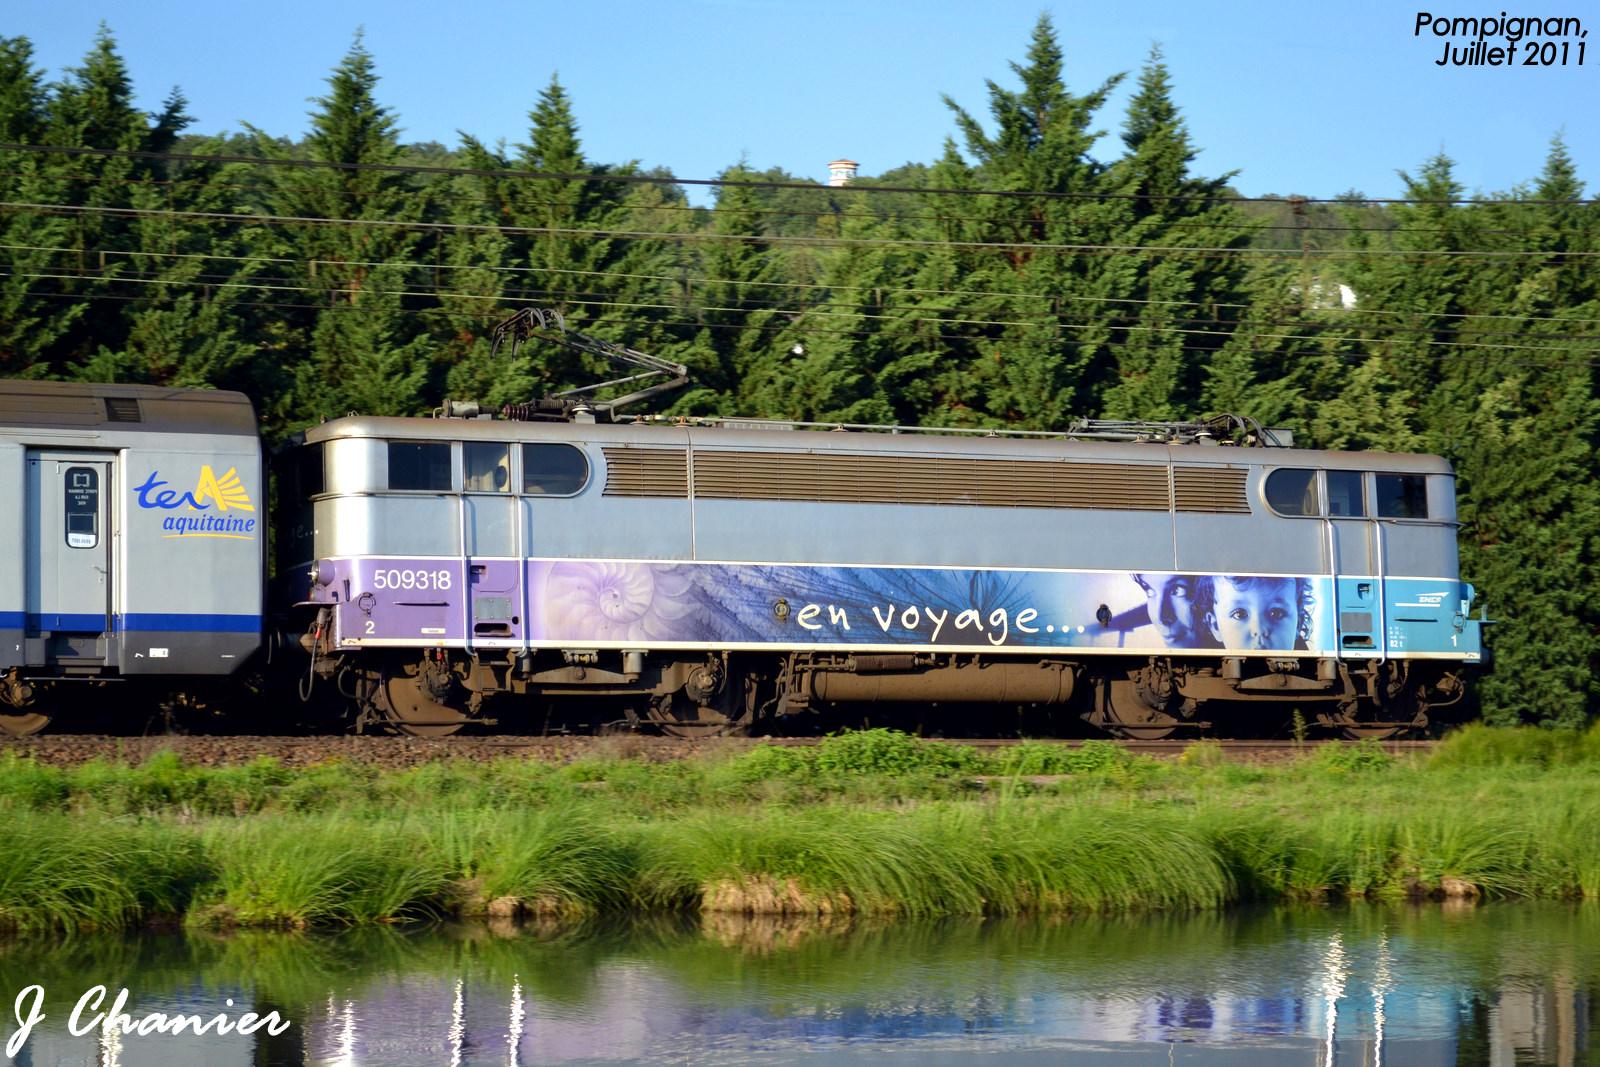 Photos et vidéos de la ligne Bordeaux - Toulouse - Narbonne - Sète (Fil 2) 845488juilletaout2011photocopie